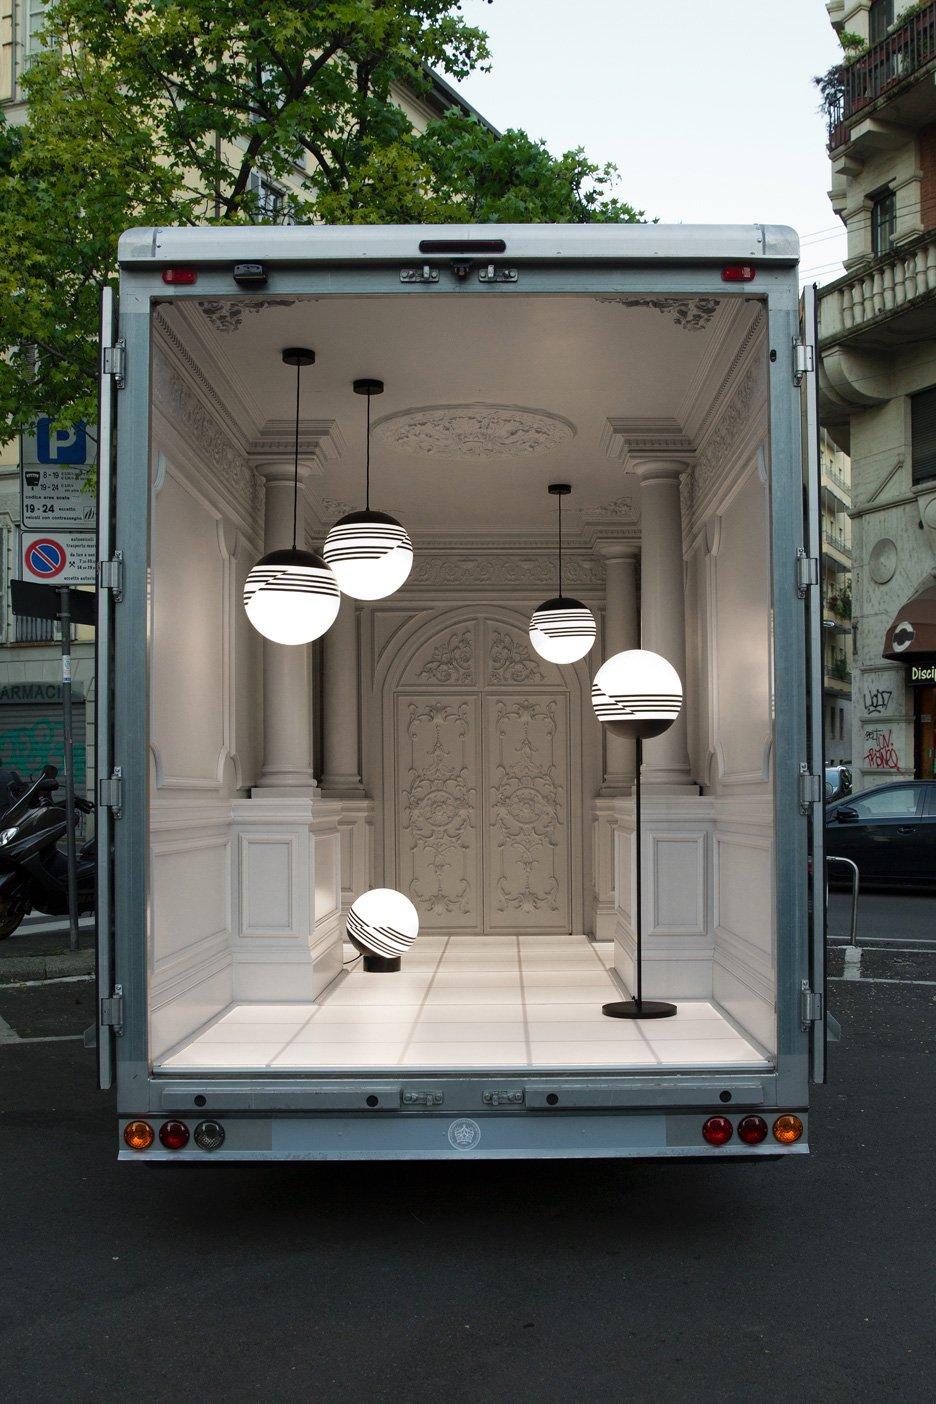 Lee Broom's Salone del Automobile delivery van arrives in Milan